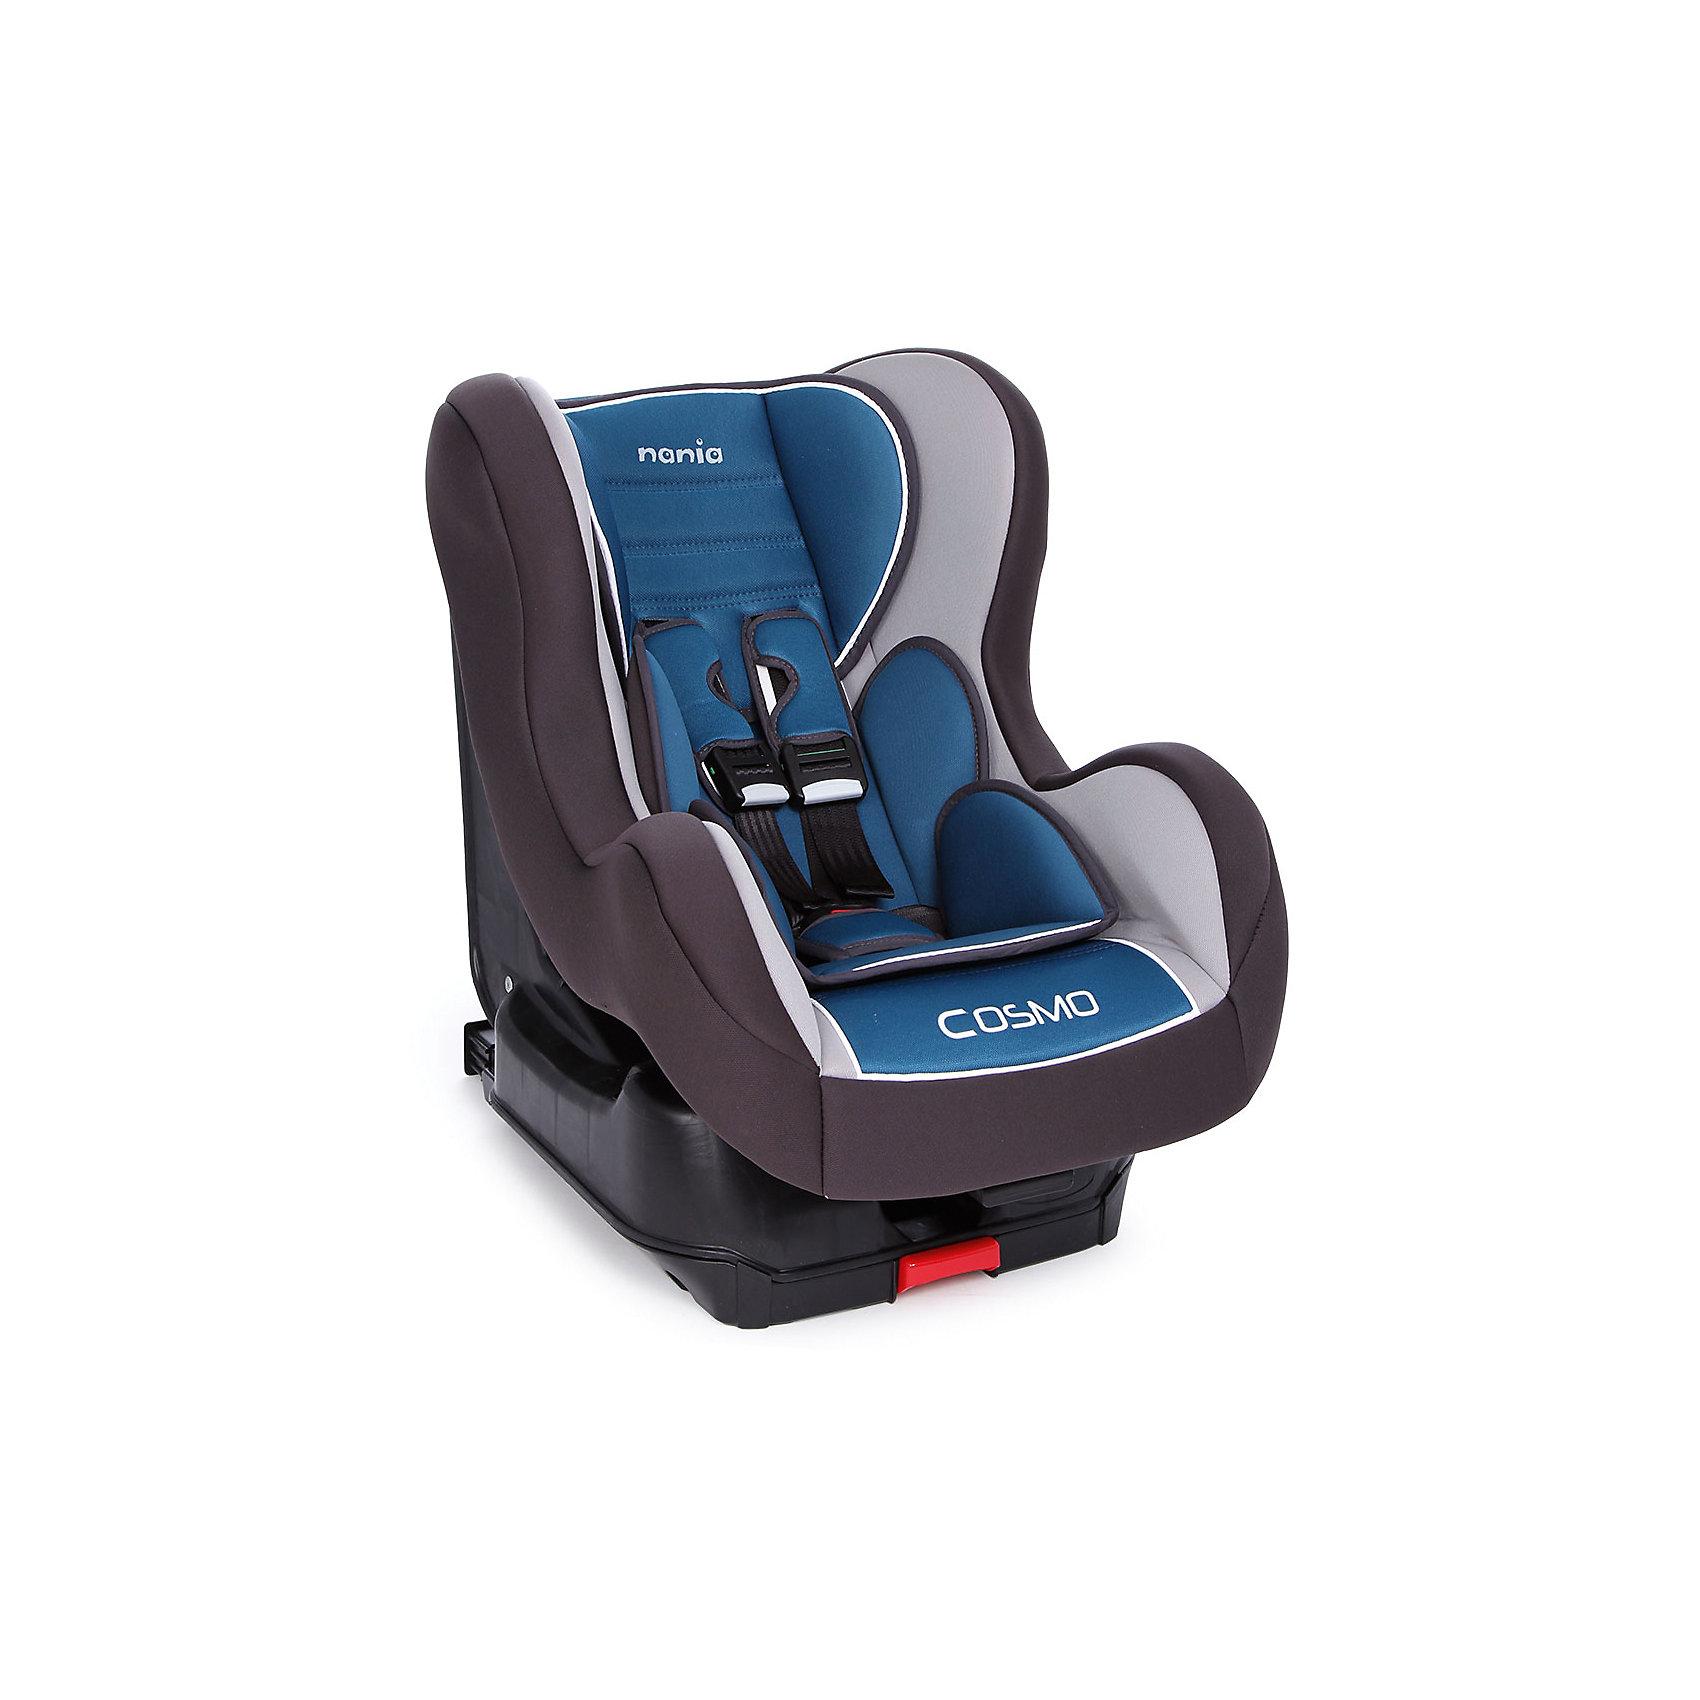 Автокресло Nania Cosmo SP Isofix LUX, 9-18 кг, Agora PetroleГруппа 1 (От 9 до 18 кг)<br>Автокресло Cosmo SP Isofix LUX от Nania (Нания) несомненно станет Вашим главным помощником во время путешествий с малышом. Кресло оснащено самой современной системой крепления Isofix, которая повышает стабильность и безопасность в дороге. Установить такое кресло неправильно просто невозможно. При разработке кресла Cosmo SP Isofix LUX были учтены все потребности ребенка во время путешествий. За безопасность маленького пассажира отвечает прочный каркас и усиленная боковая защита. Малыша в кресле надежно удержат мягкие пятиточечные ремни безопасности с удобной регулировкой. Голову ребенка защитит мягкий регулируемый подголовник. Благодаря пяти положениям наклона спинки, Ваш малыш сможет с комфортом отдохнуть в дороге. Для безопасной перевозки маленьких детей кресло Cosmo SP Isofix LUX оборудовано анатомическим вкладышем и мягким подголовником. Благодаря съемному чехлу, который можно стирать, кресло всегда будет выглядеть как новое. <br><br>Дополнительная информация: <br><br>- Имеет европейский сертификат ECE R44/04;<br>- Группа: 1 (9-18 кг);<br>- Крепление Isofix;<br>- Усиленная боковая защита;<br>- 5 удобных положений спинки;<br>- Мягкий подголовник;<br>- Пятиточечные ремни безопасности с удобной регулировкой;<br>- Легкое крепление в автомобиле;<br>- Ударопрочный каркас;<br>- Тканевый чехол можно снимать и стирать при щадящем режиме; <br>- Размер сидения: 33 х 31 см;<br>- Внешние размеры (Д х Ш х В): 54 х 45 х 61 см;<br>- Цвет: Agora Petrole (серый/синий);<br>- Вес: 9,3 кг<br><br>Автокресло Cosmo SP Isofix LUX, 9-18 кг., Nania (Нания), Agora Petrole можно купить в нашем интернет-магазине.<br><br>Ширина мм: 670<br>Глубина мм: 550<br>Высота мм: 470<br>Вес г: 9927<br>Возраст от месяцев: 9<br>Возраст до месяцев: 36<br>Пол: Унисекс<br>Возраст: Детский<br>SKU: 4092602